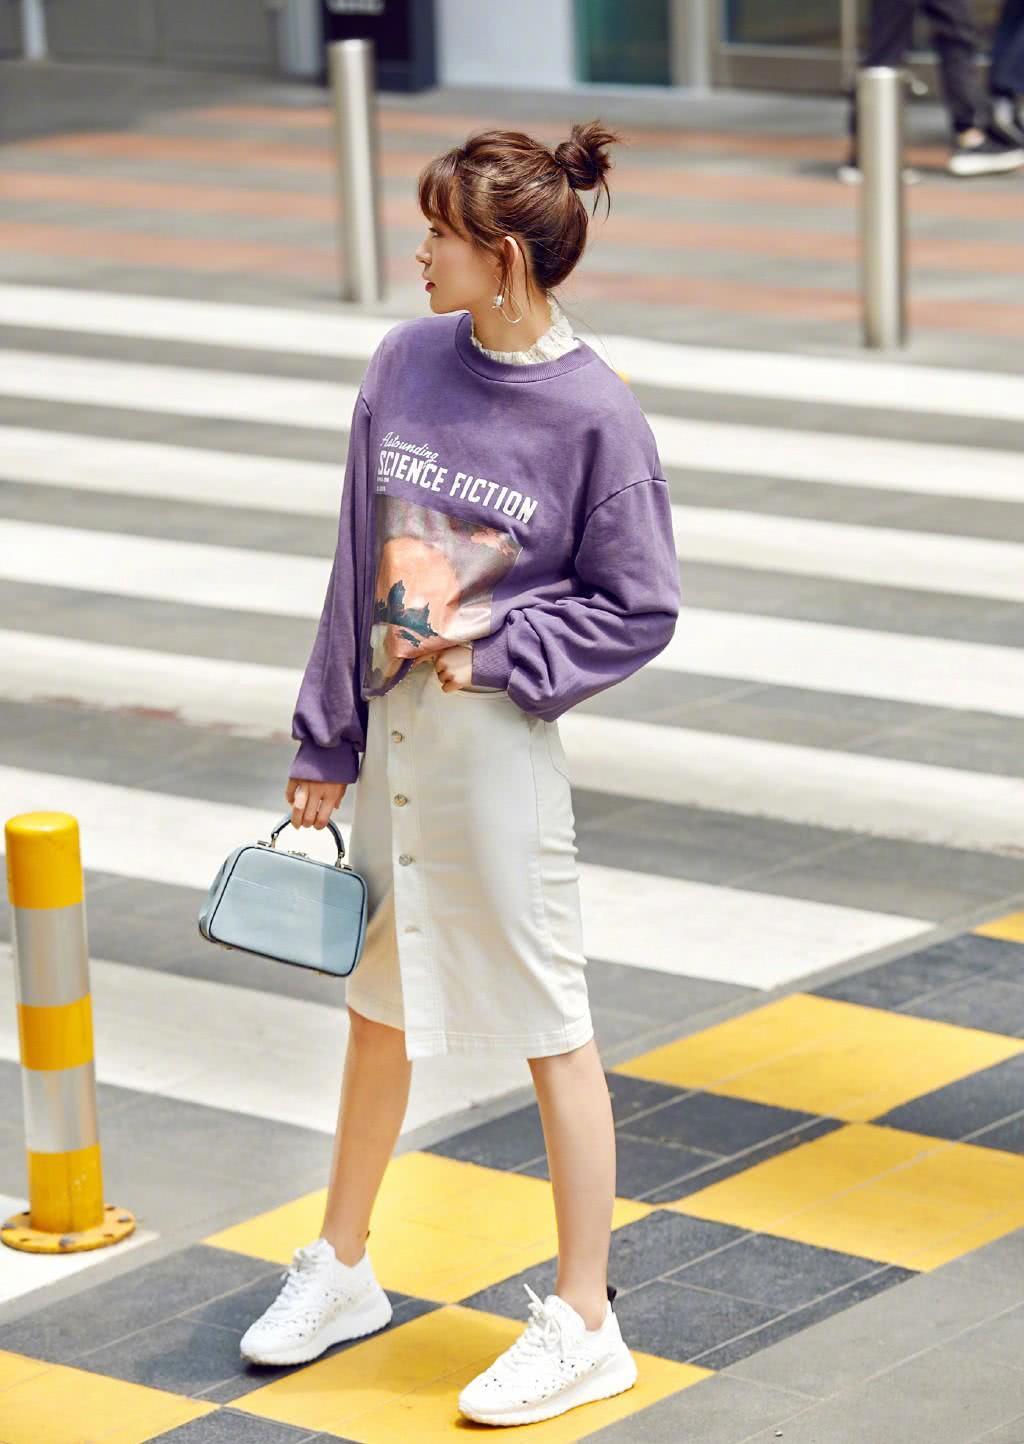 《大江大河》她演董子健初恋,穿紫色卫衣配半身裙,活力又少女